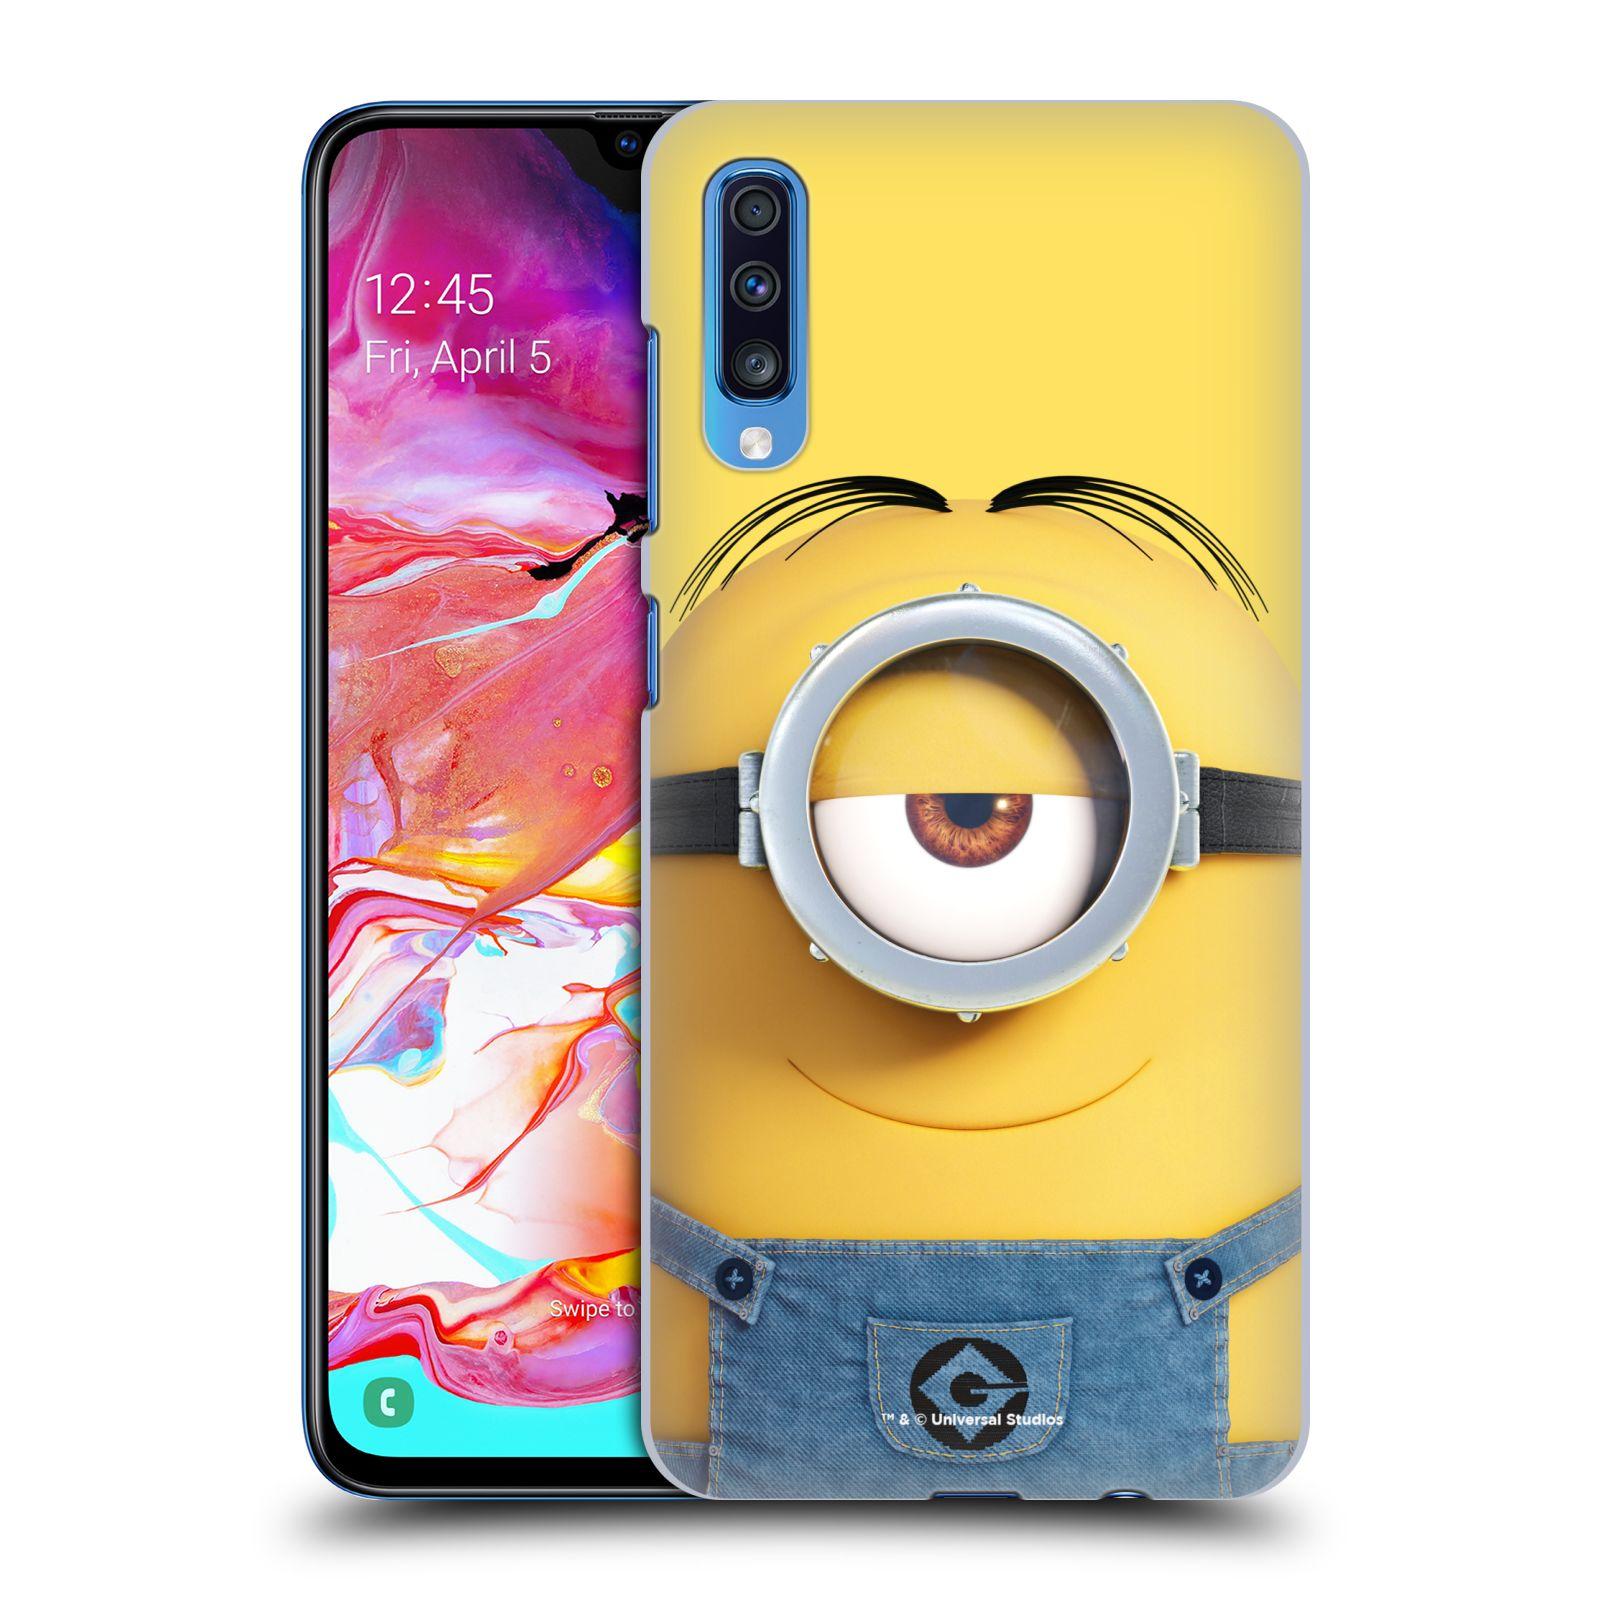 Plastové pouzdro na mobil Samsung Galaxy A70 - Head Case - Mimoň Stuart z filmu Já, padouch - Despicable Me